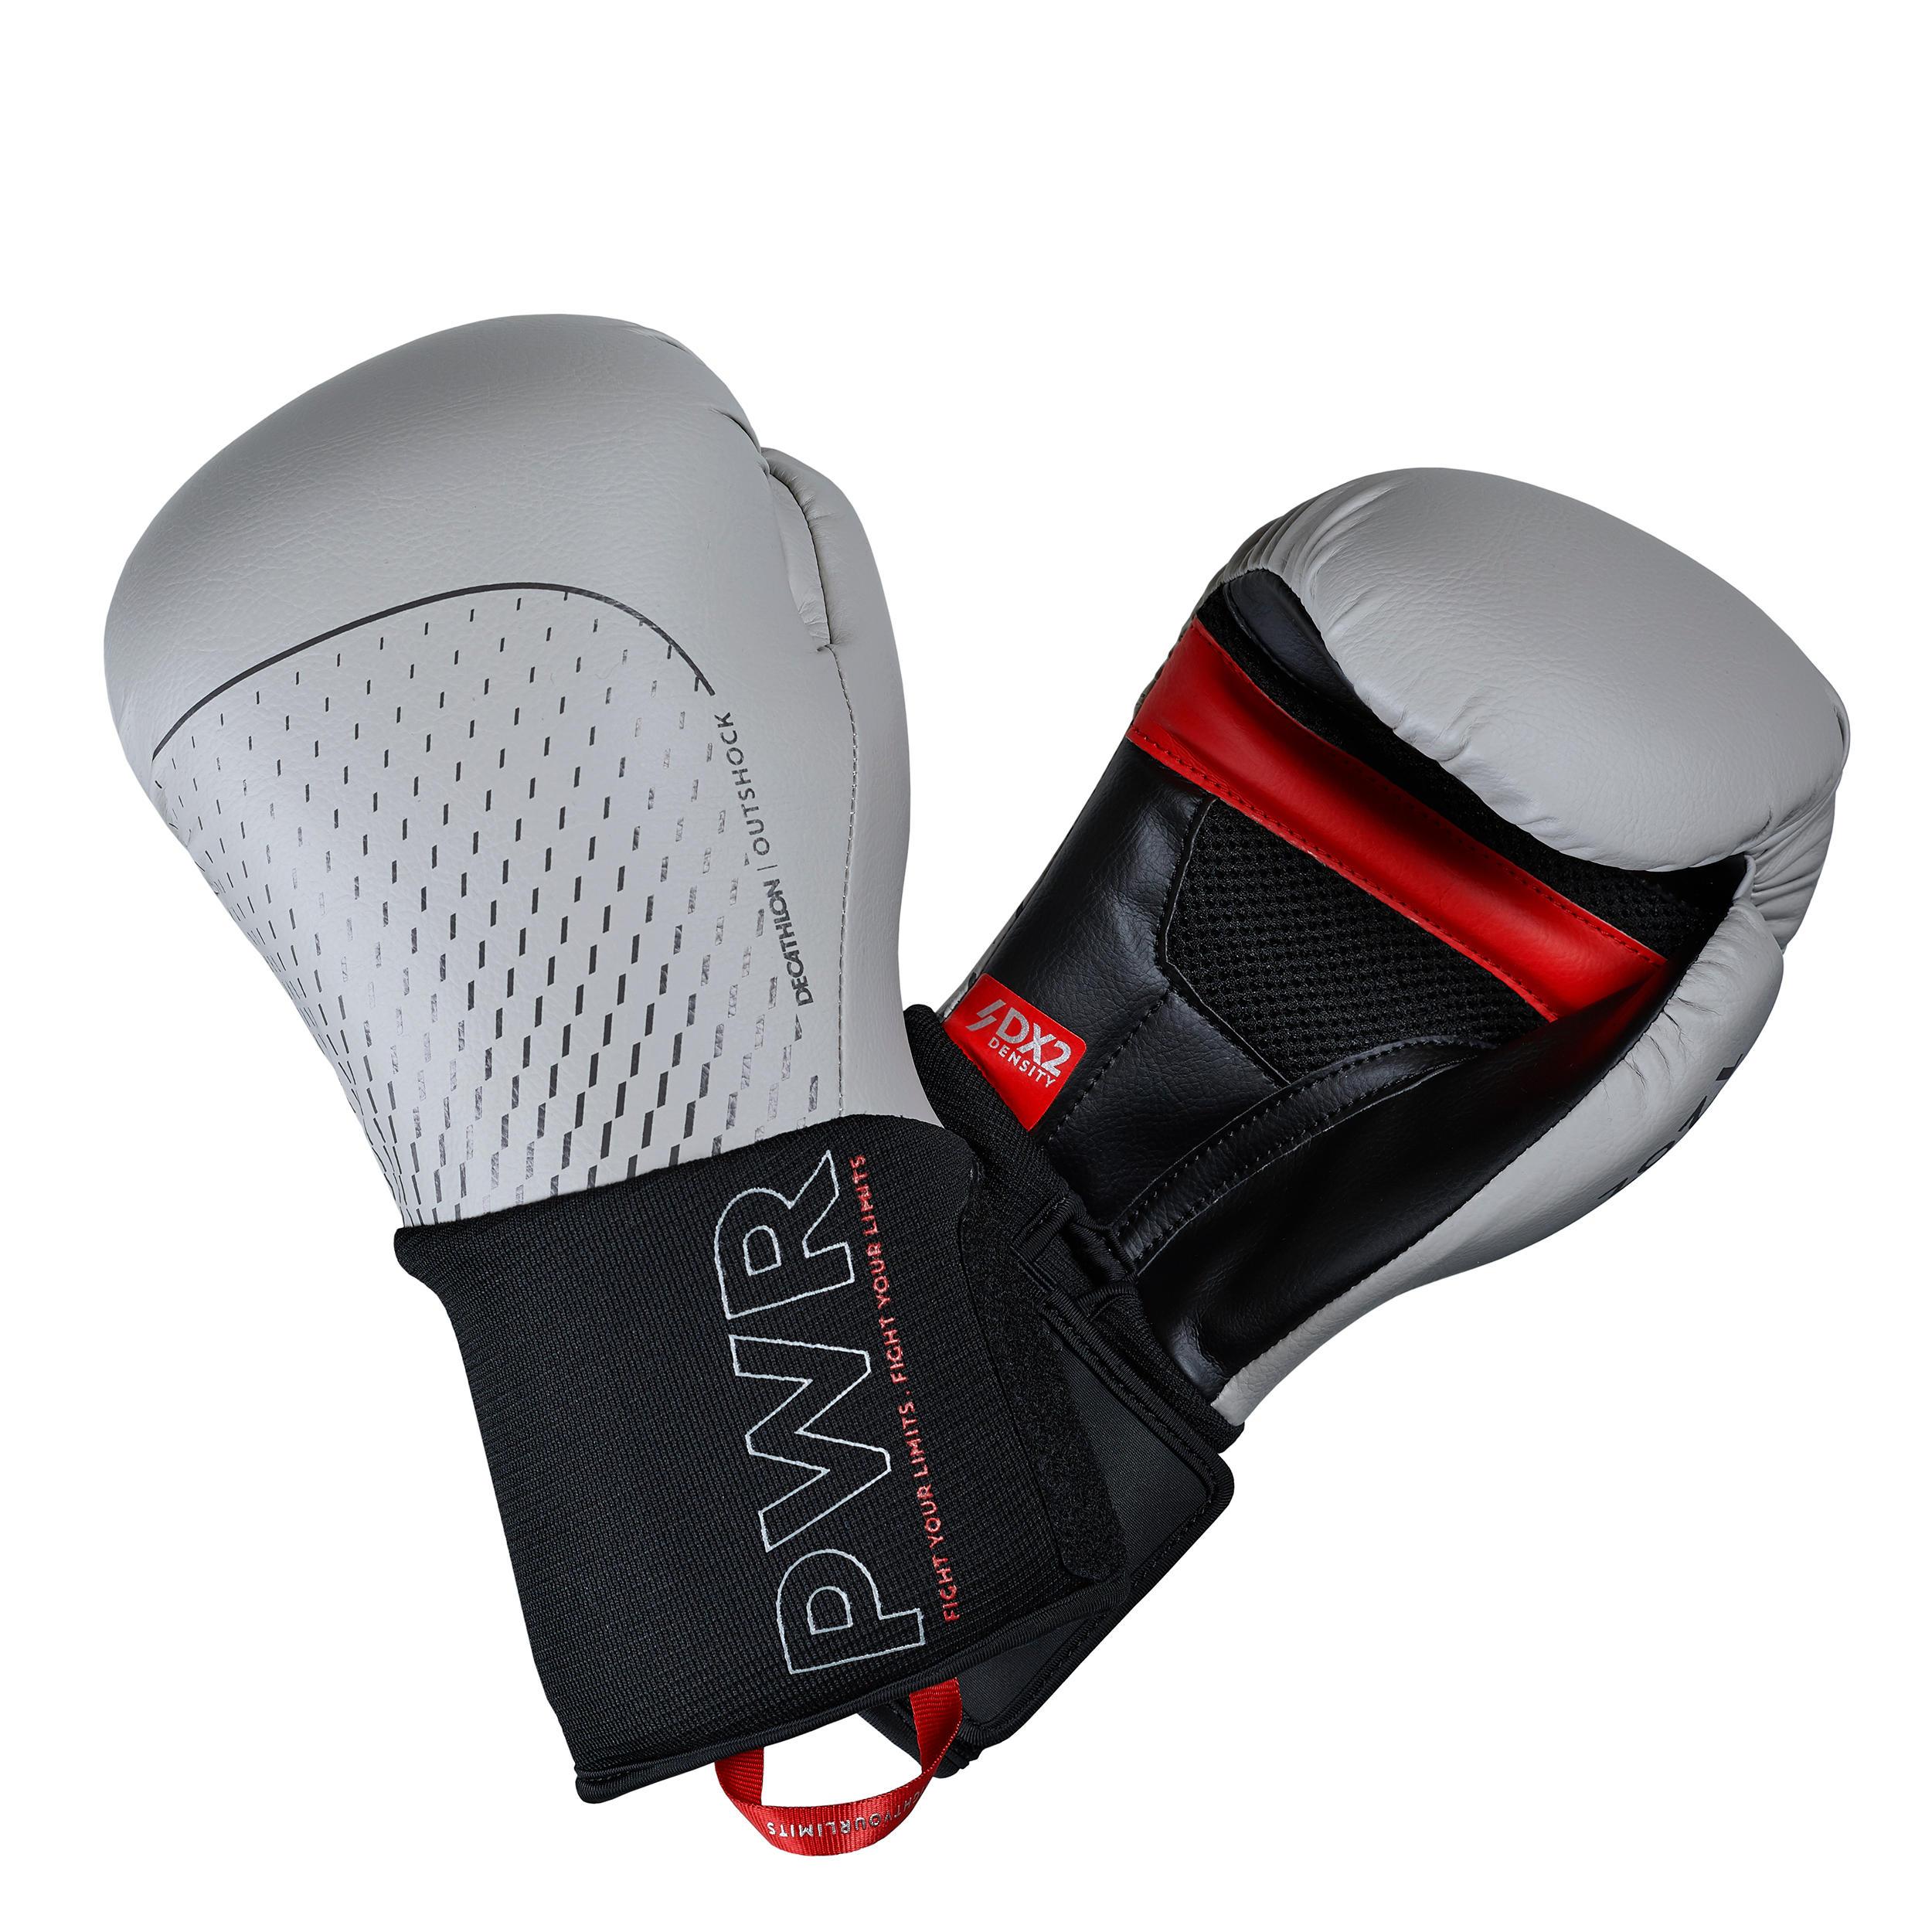 Outshock Bokshandschoenen 500 Ergo grijs, geschikt voor gevorderden